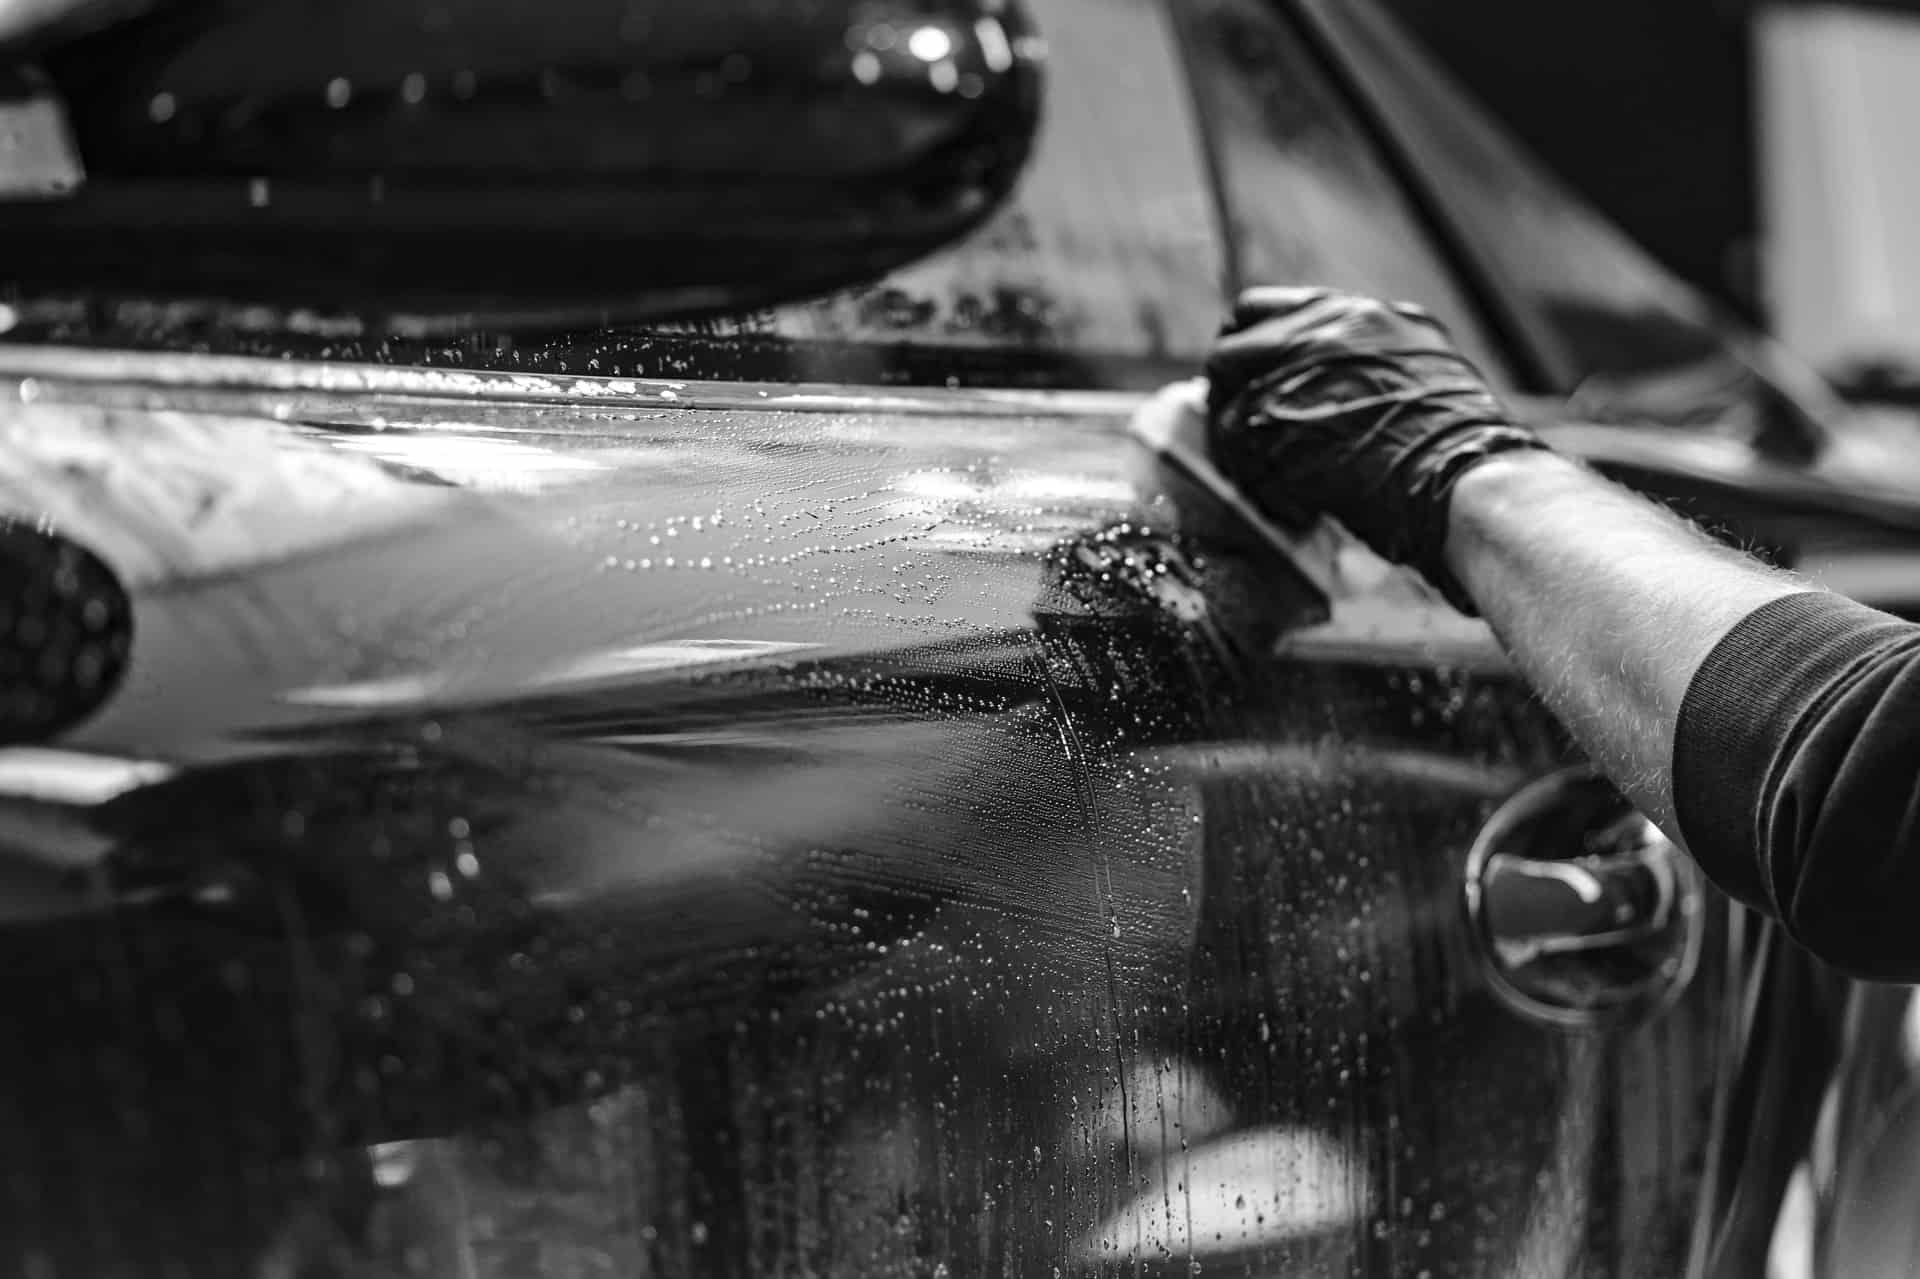 Kissimmee Car Detailing